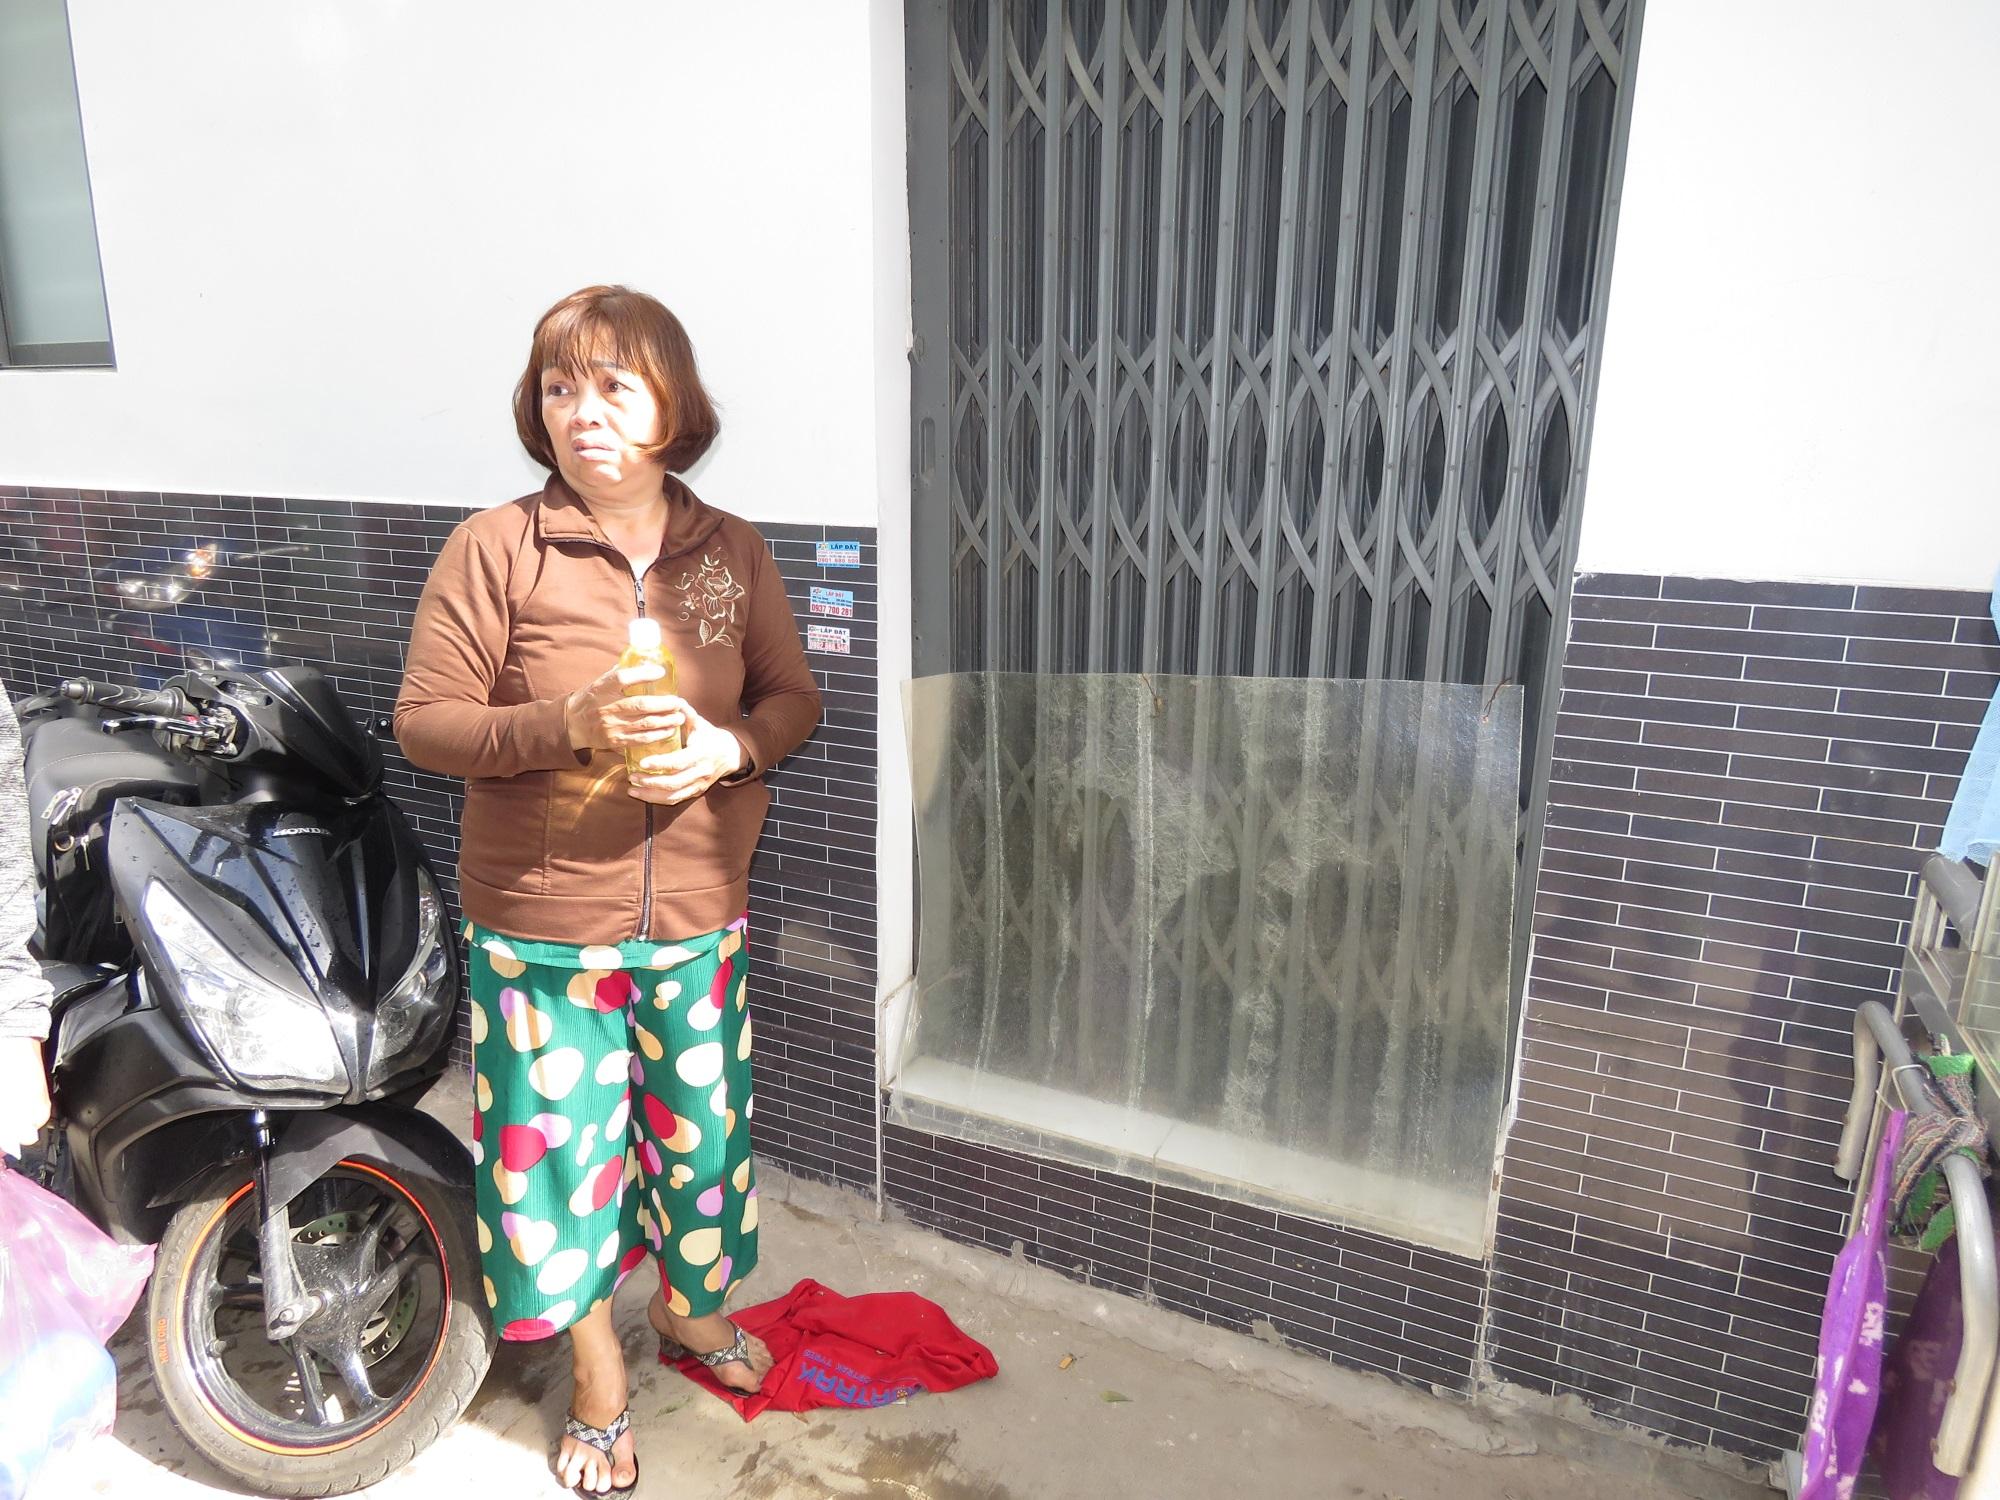 Vợ dùng xăng tưới đốt khiến chồng cùng con gái bỏng nặng ở Sài Gòn - Ảnh 1